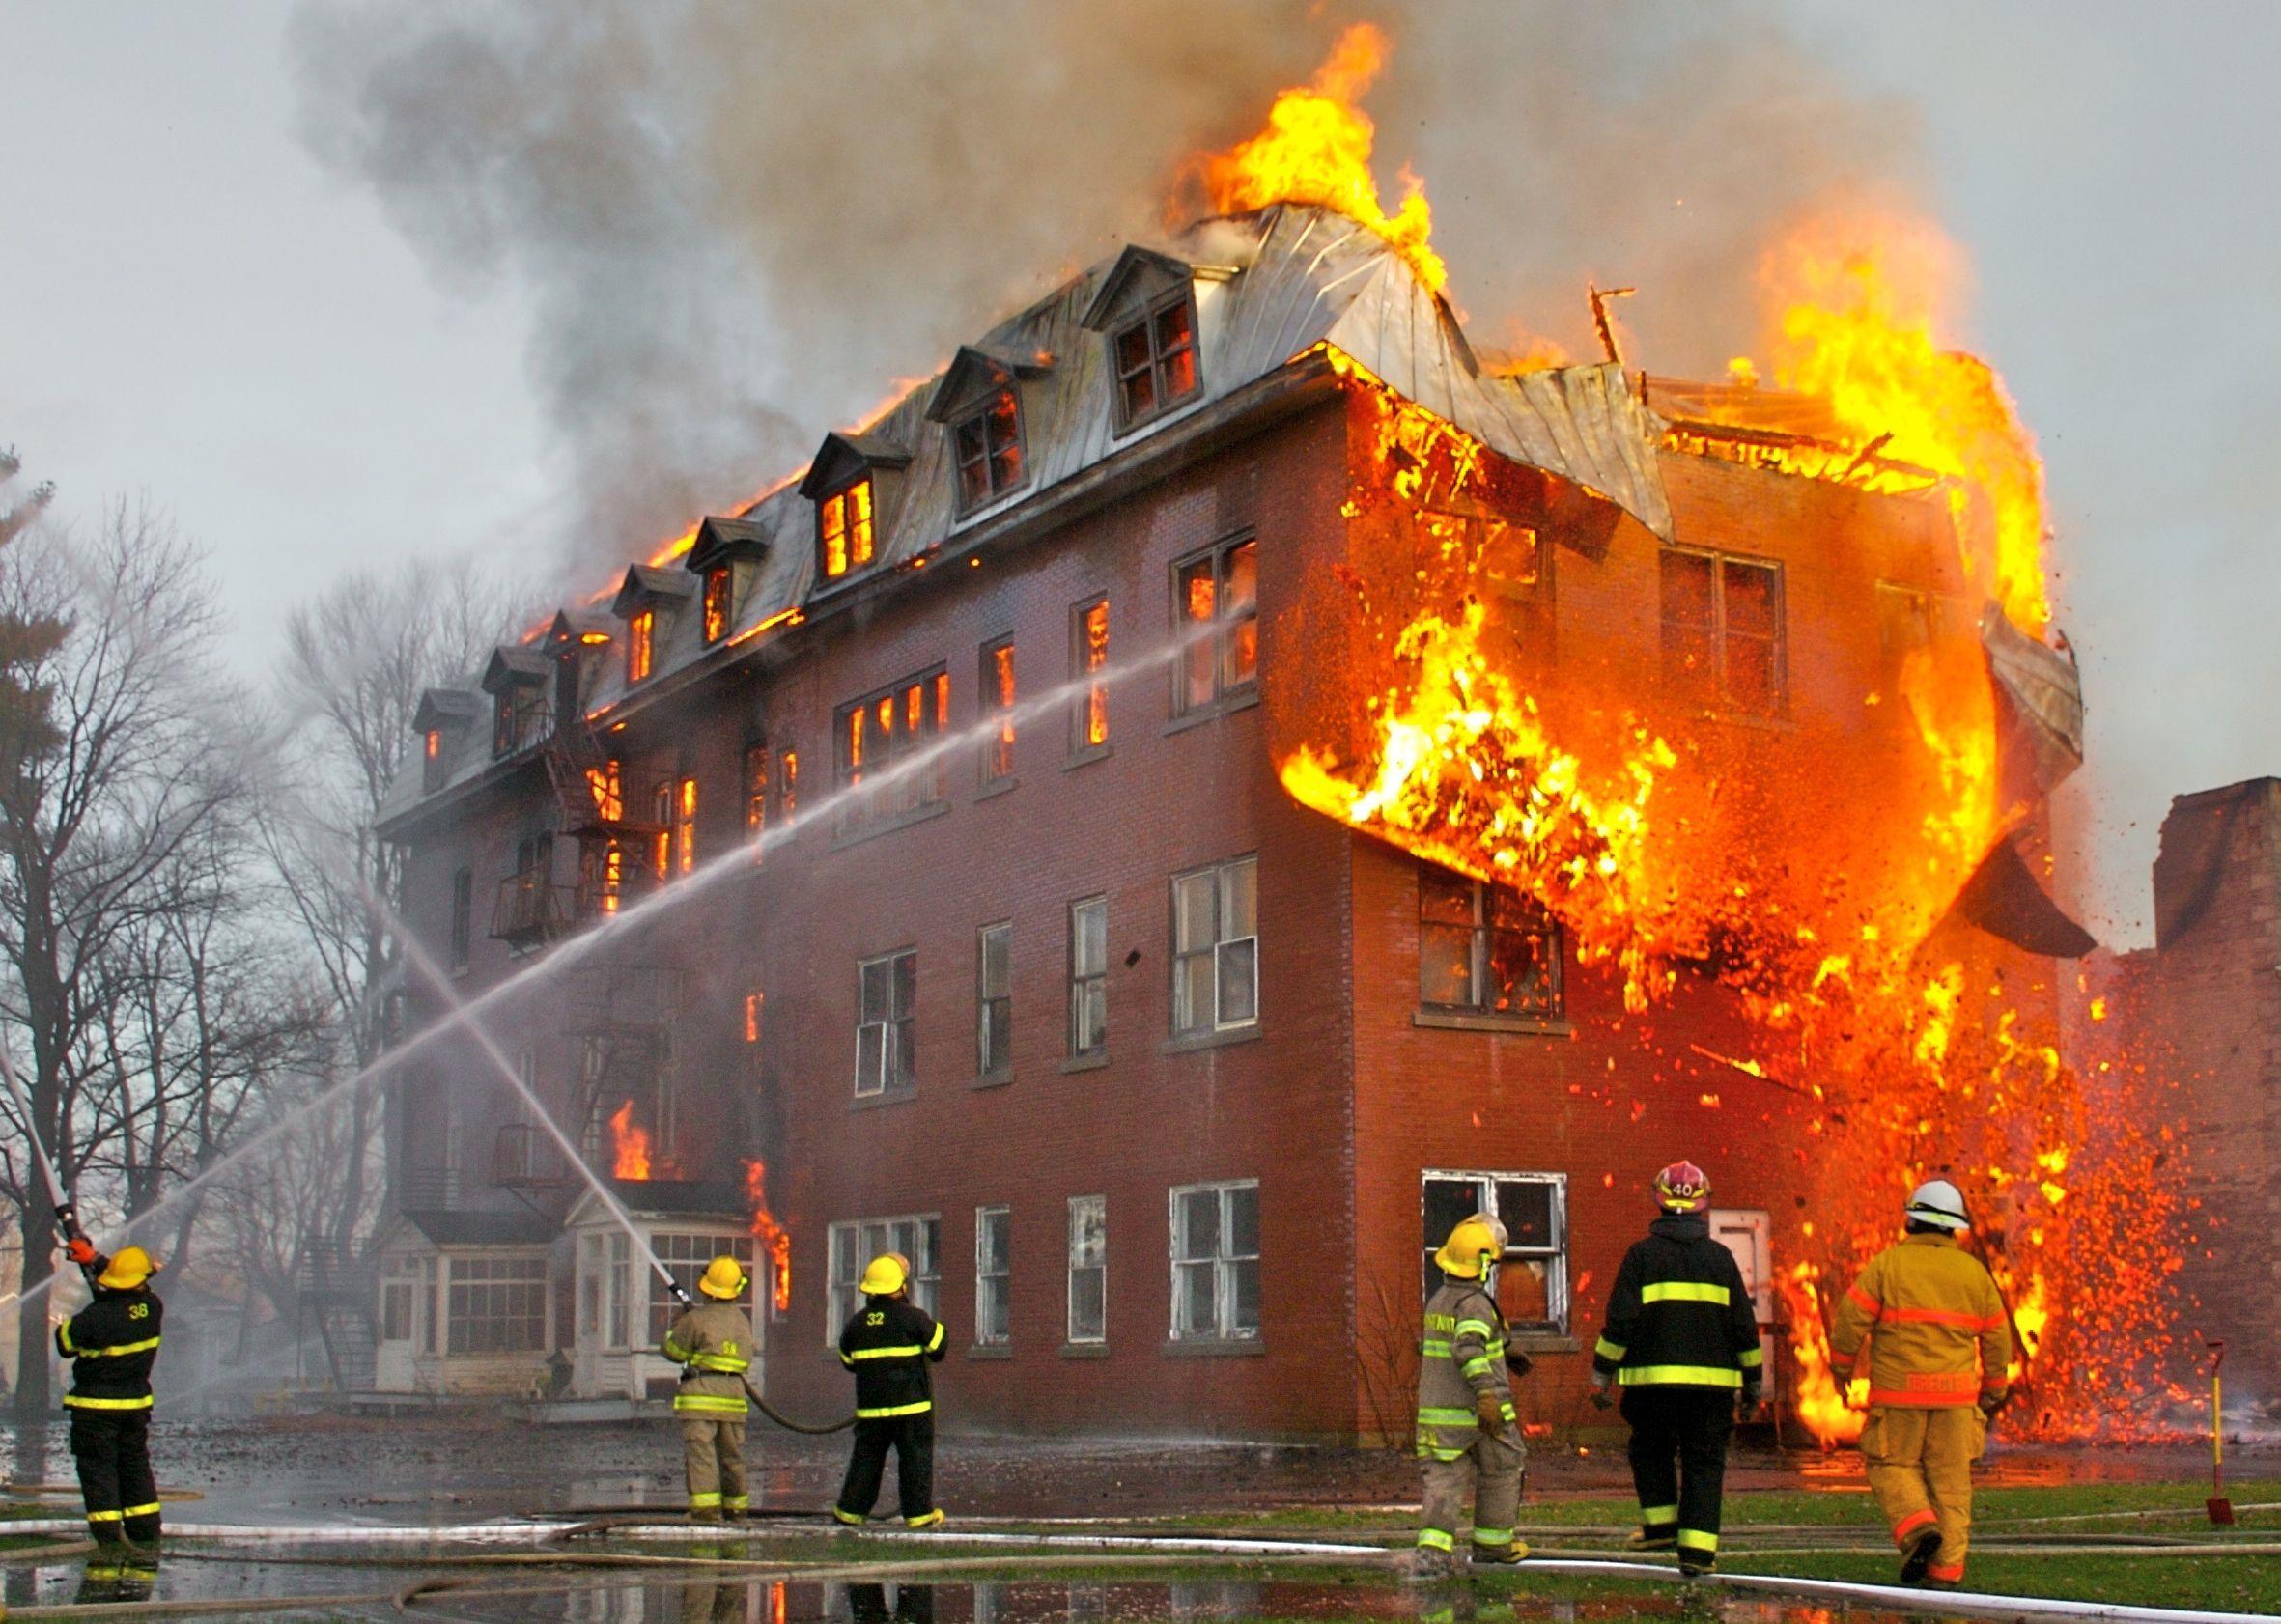 Hay un colegio y un hospital en llamas y viene la ambulancia ¿Qué apaga primero?